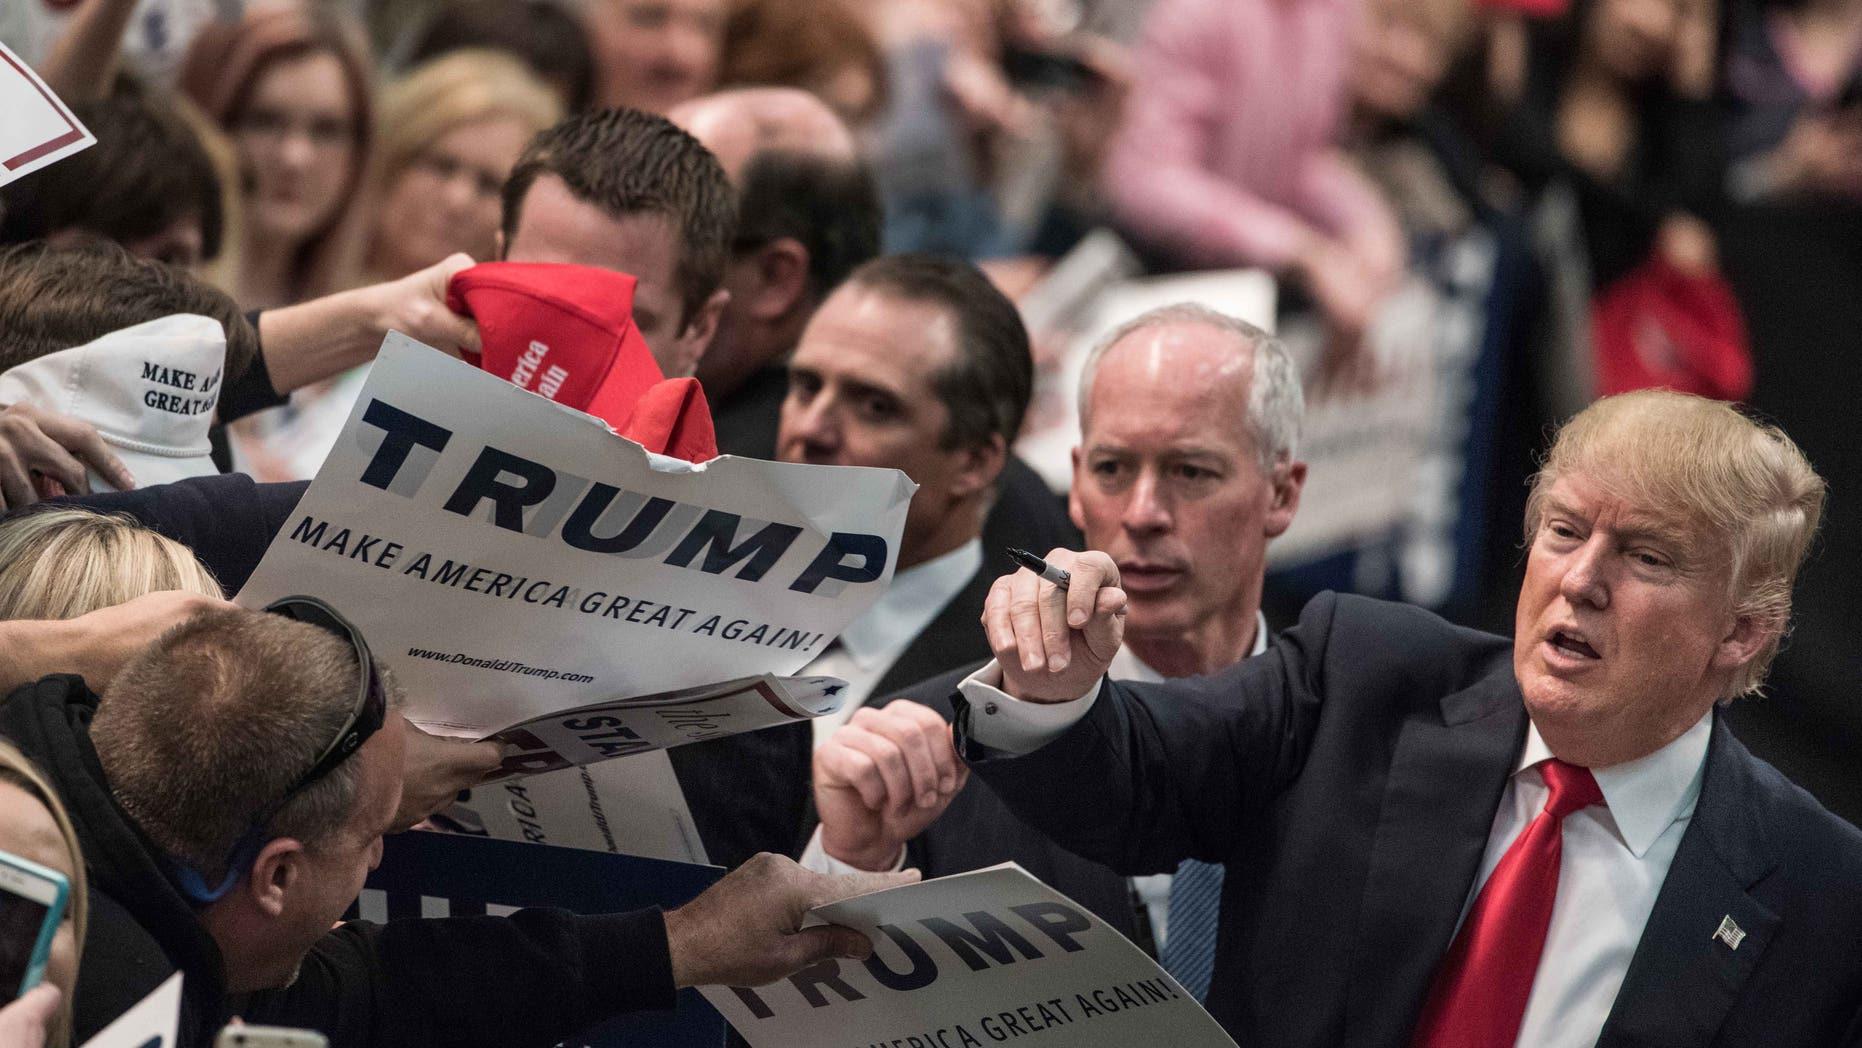 Trump at a campaign rally March 7, 2016 in Concord, North Carolina.